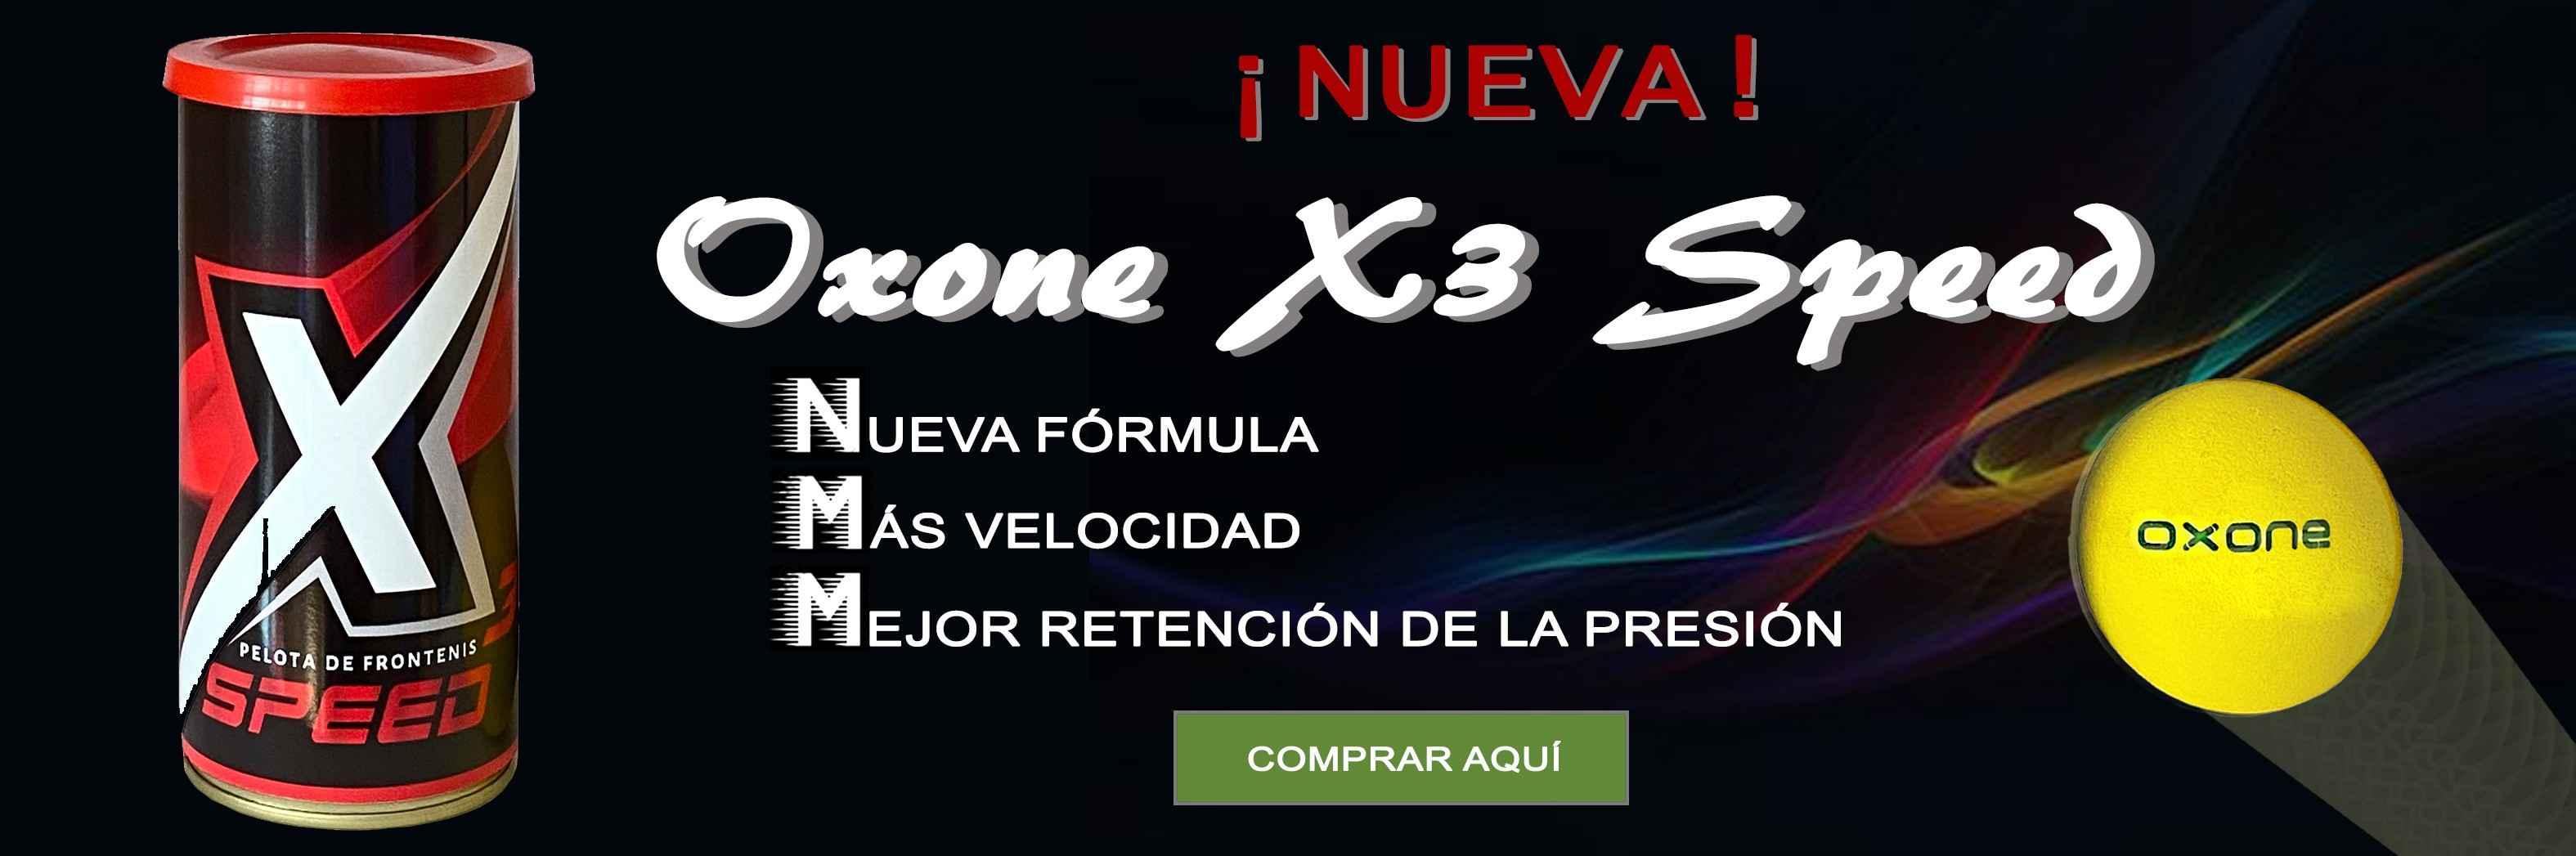 Nueva Oxone X3 Speed